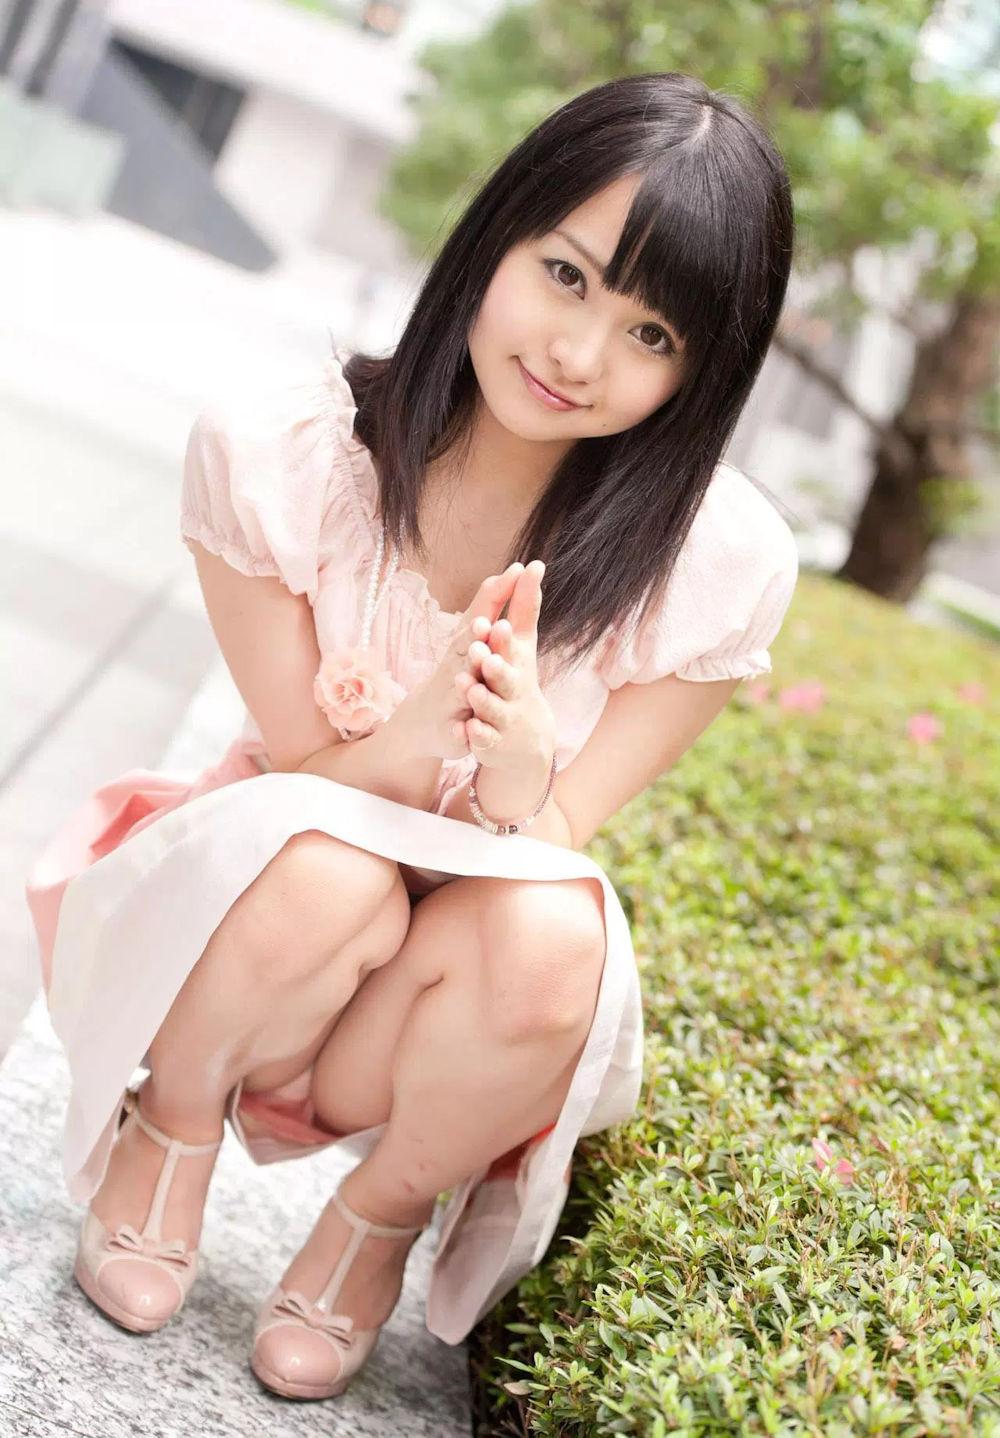 丸顔 タヌキ顔 可愛い 童顔 美女 エロ画像【37】